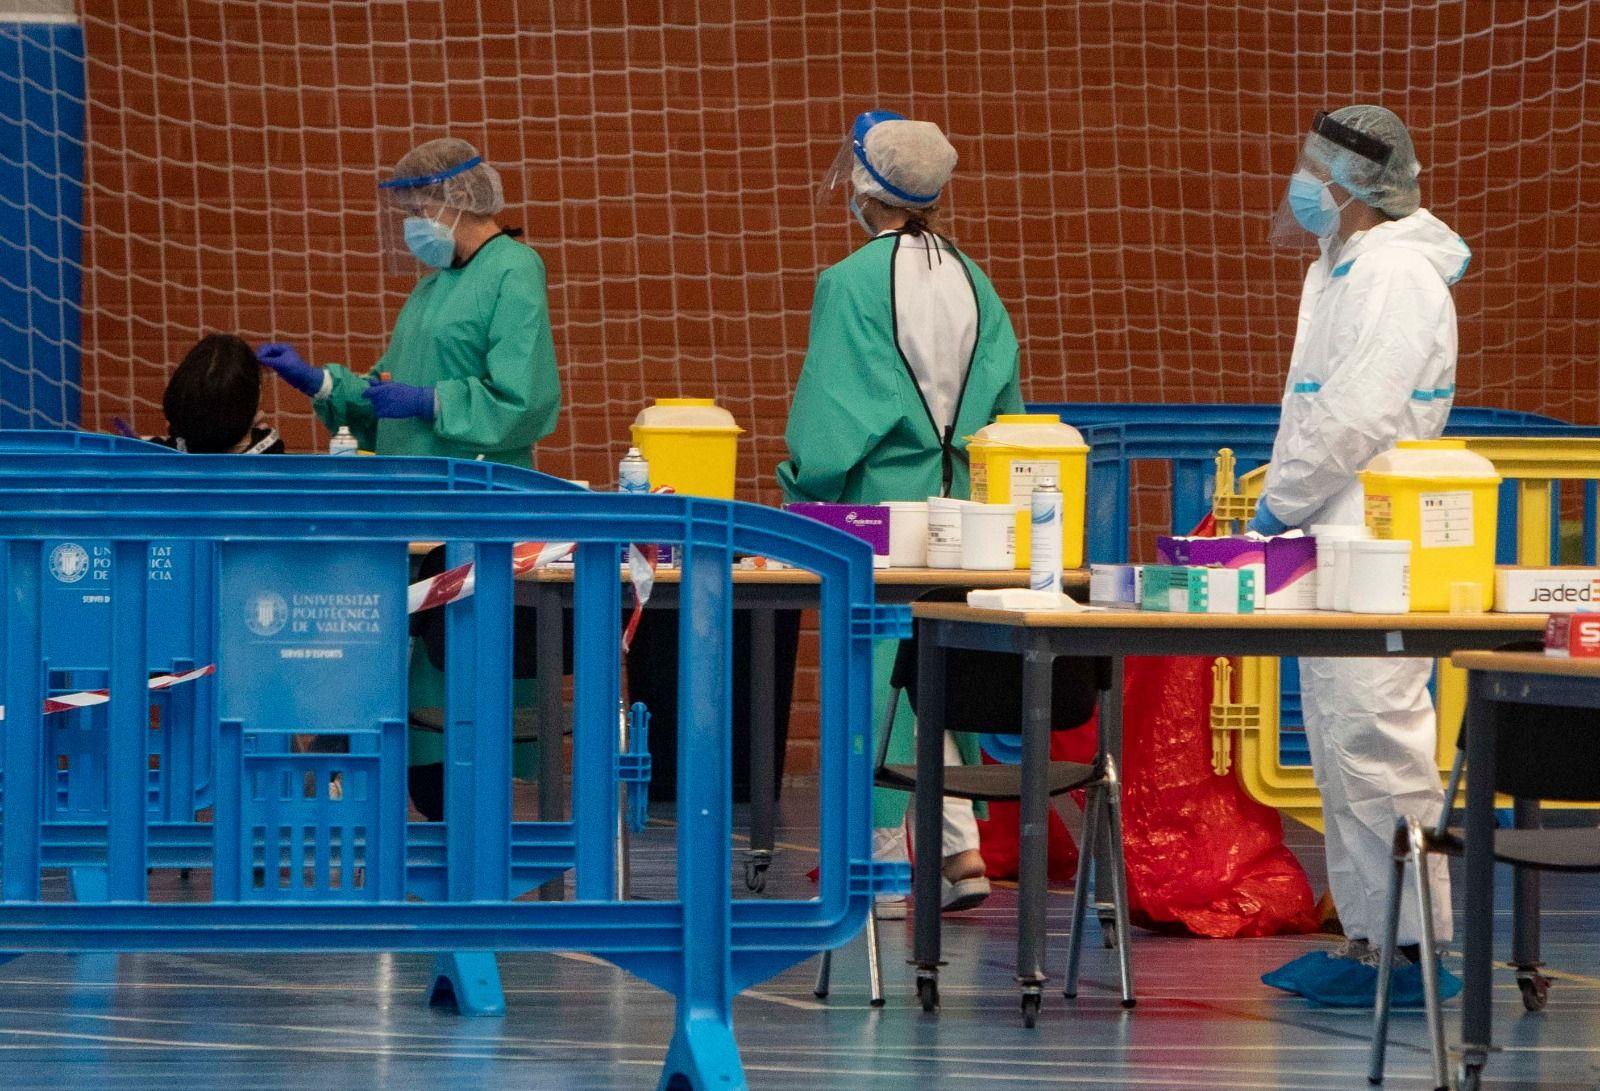 Brote en el Colegio Mayor Galileo Galilei: pruebas PCR masivas a los estudiantes